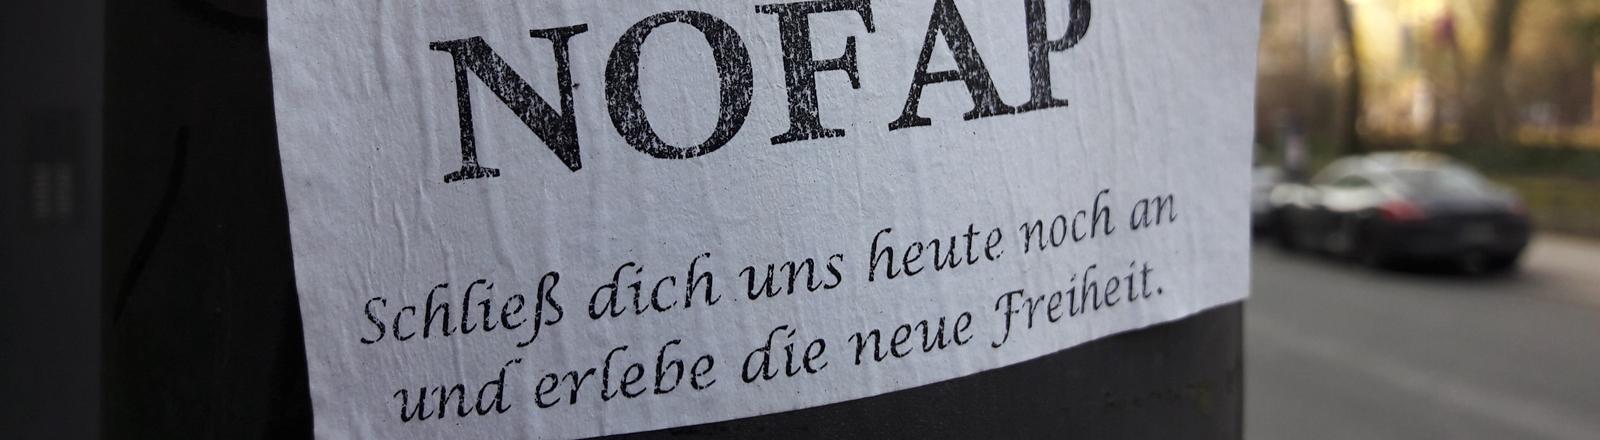 Zettel mit Werbung für die No-Fab-Bewegung an einem Baum